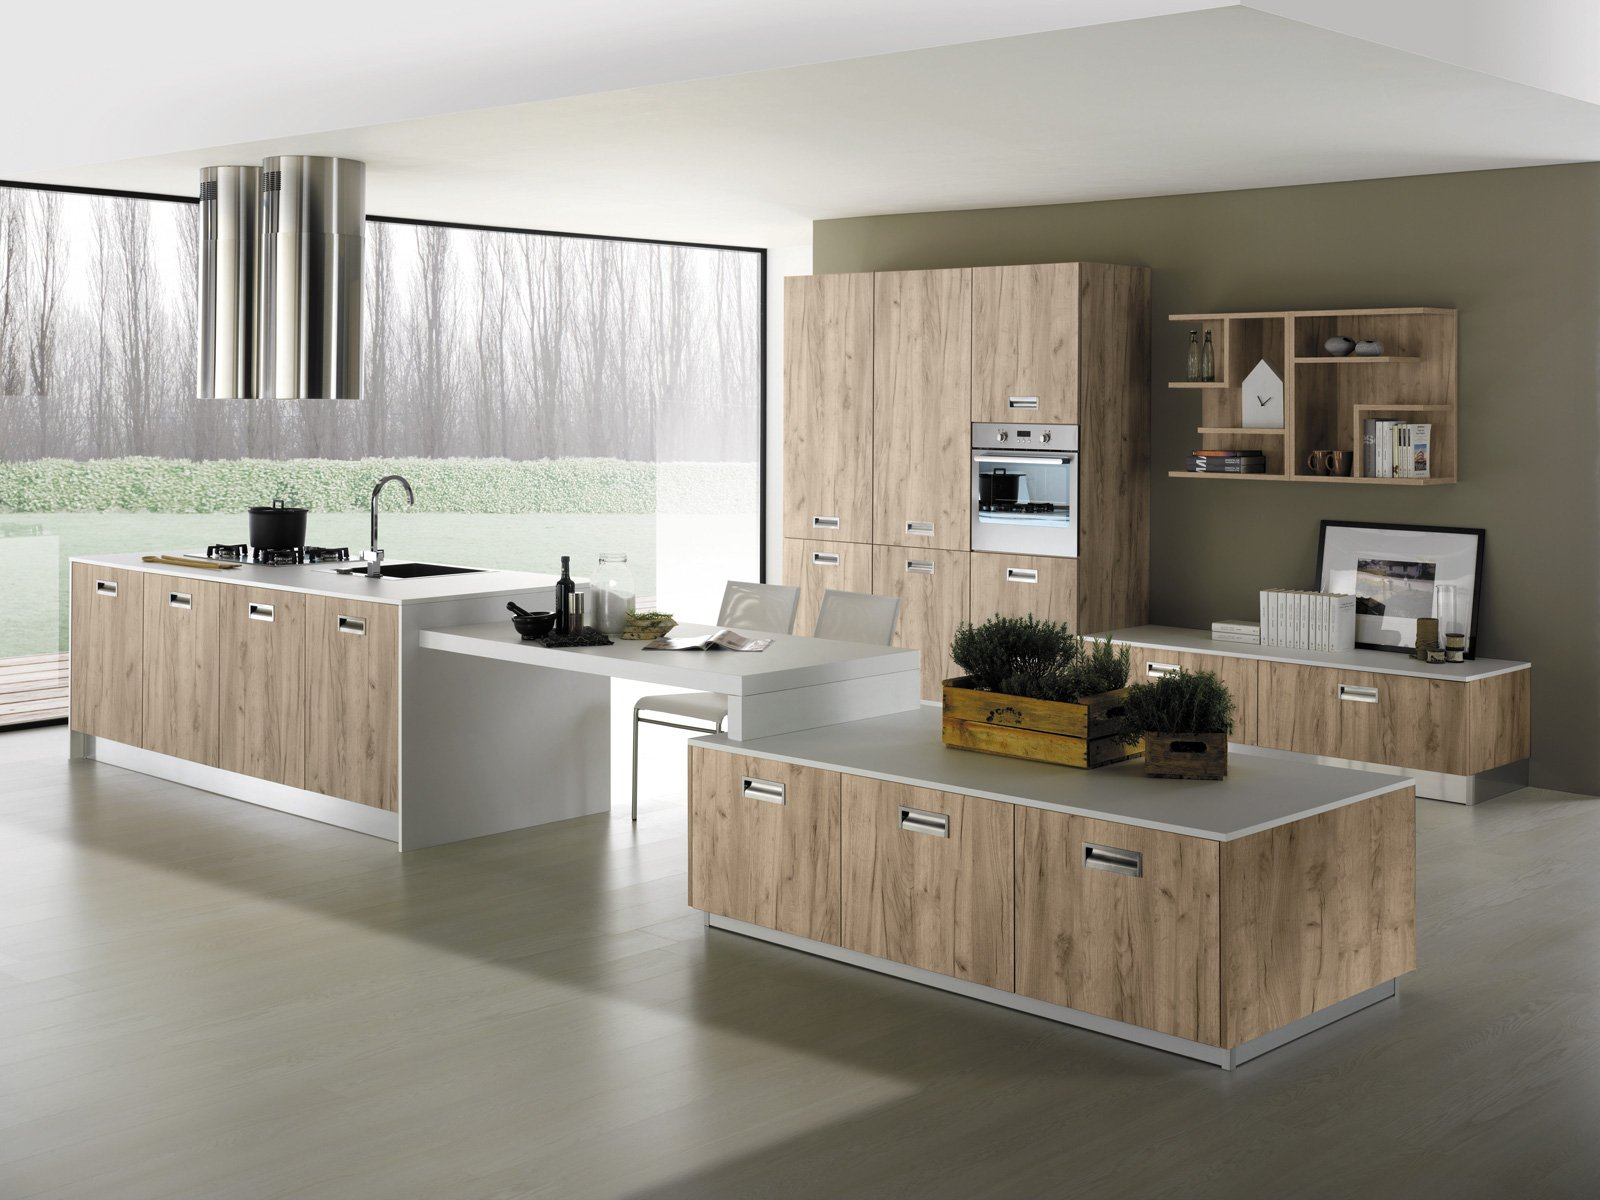 Cucine a vista per il loft nel soggiorno open space cose di casa - Cucine mobilturi ...